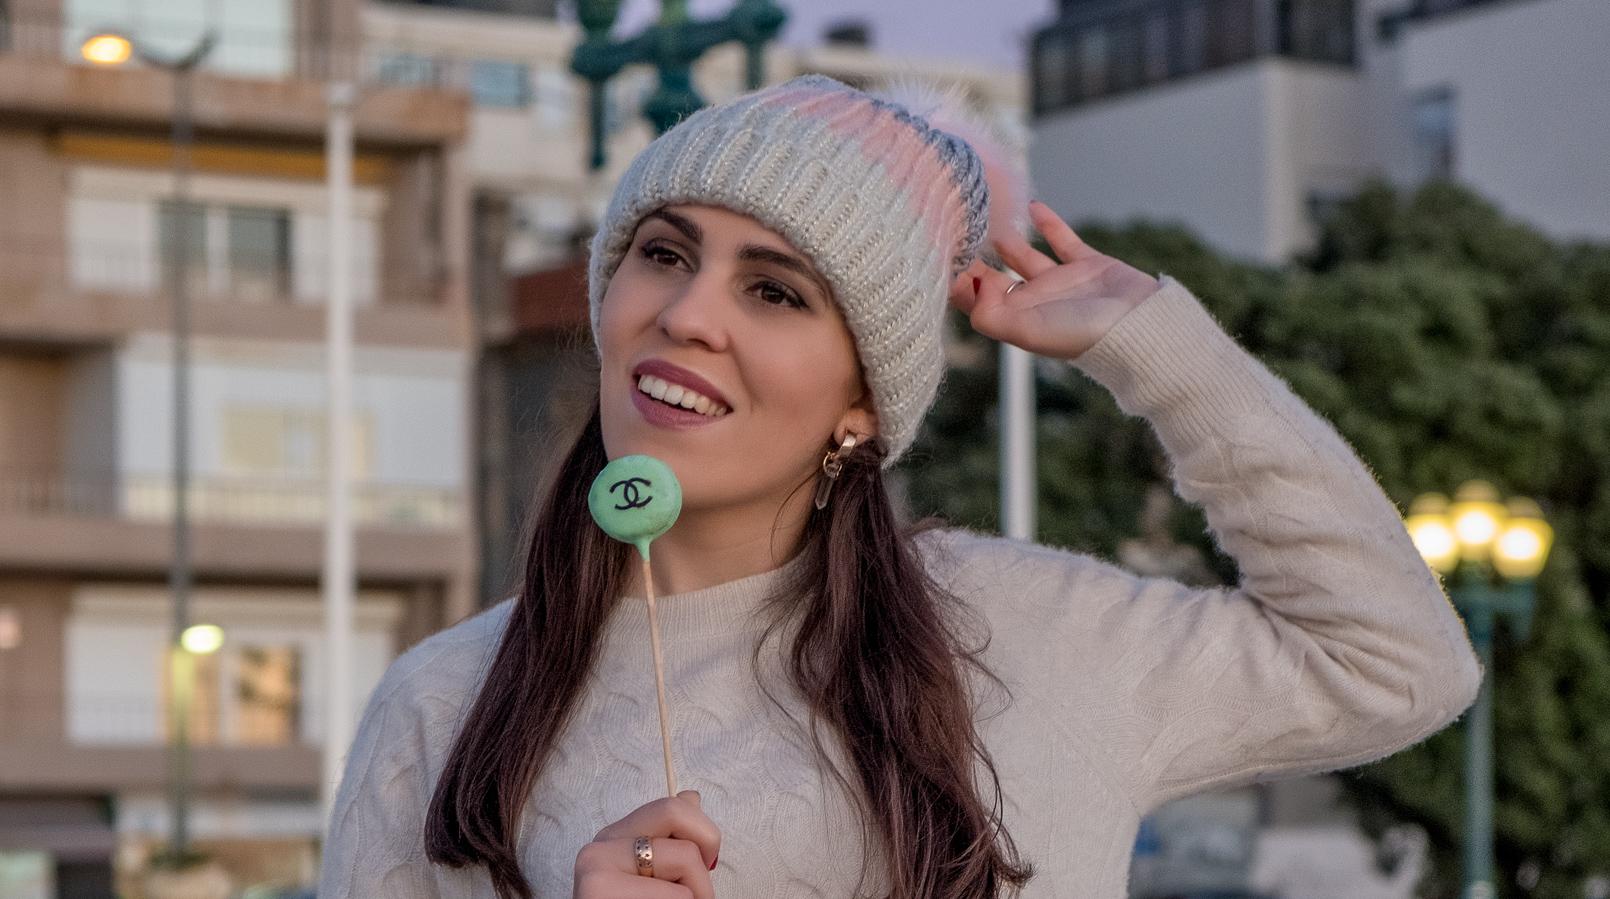 Le Fashionaire Olá 2018: objectivos e sonhos camisola caxemira branca trancas mango gorro la dourado rosa azul pompom womens secret 6959F PT